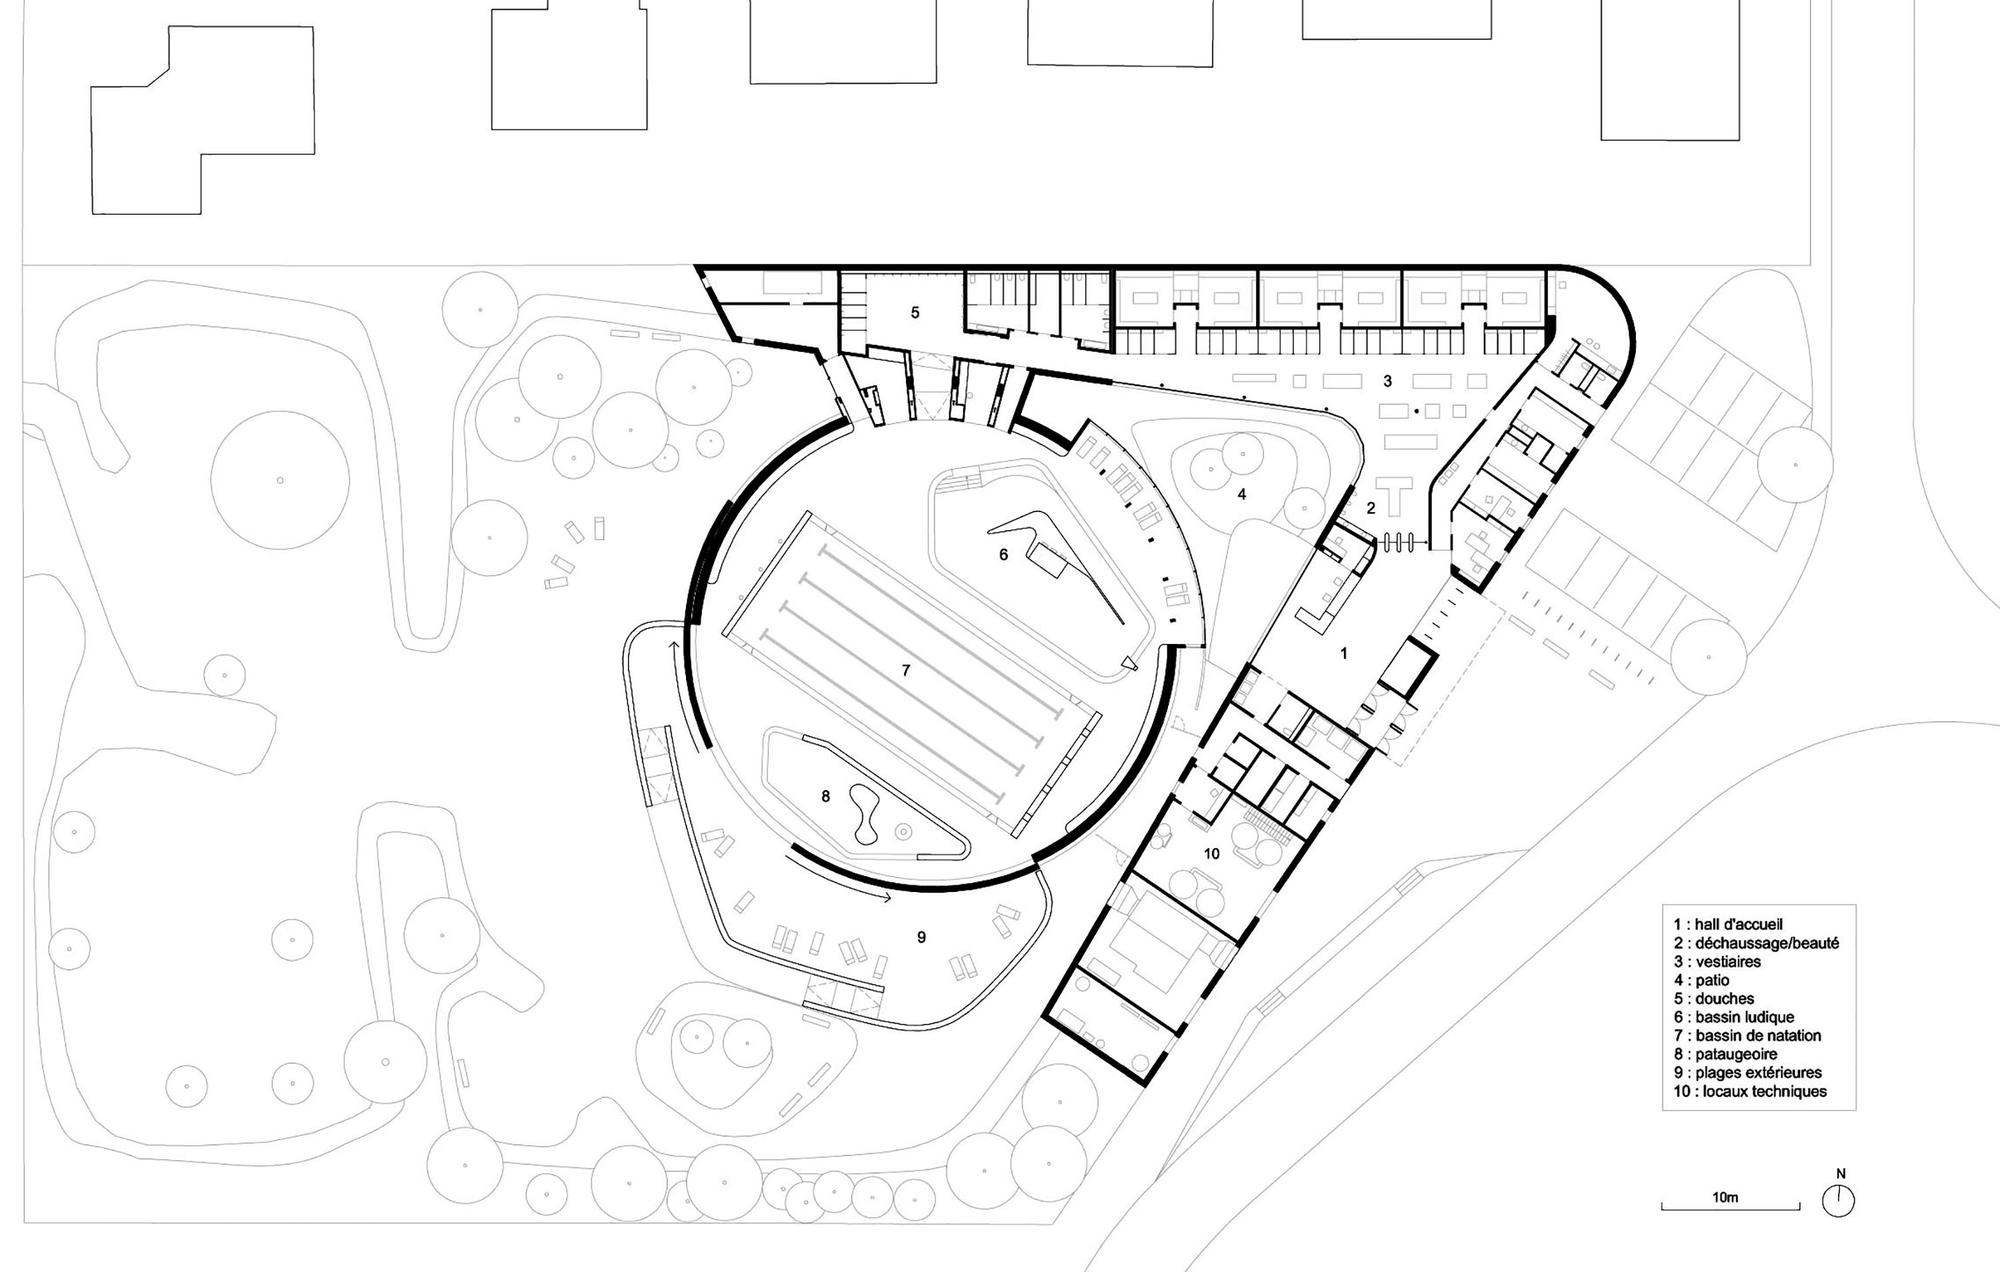 54dc1440e58ece826e0000a5_-tournesol-swimming-pool-refurbishment-urbane-kultur_17